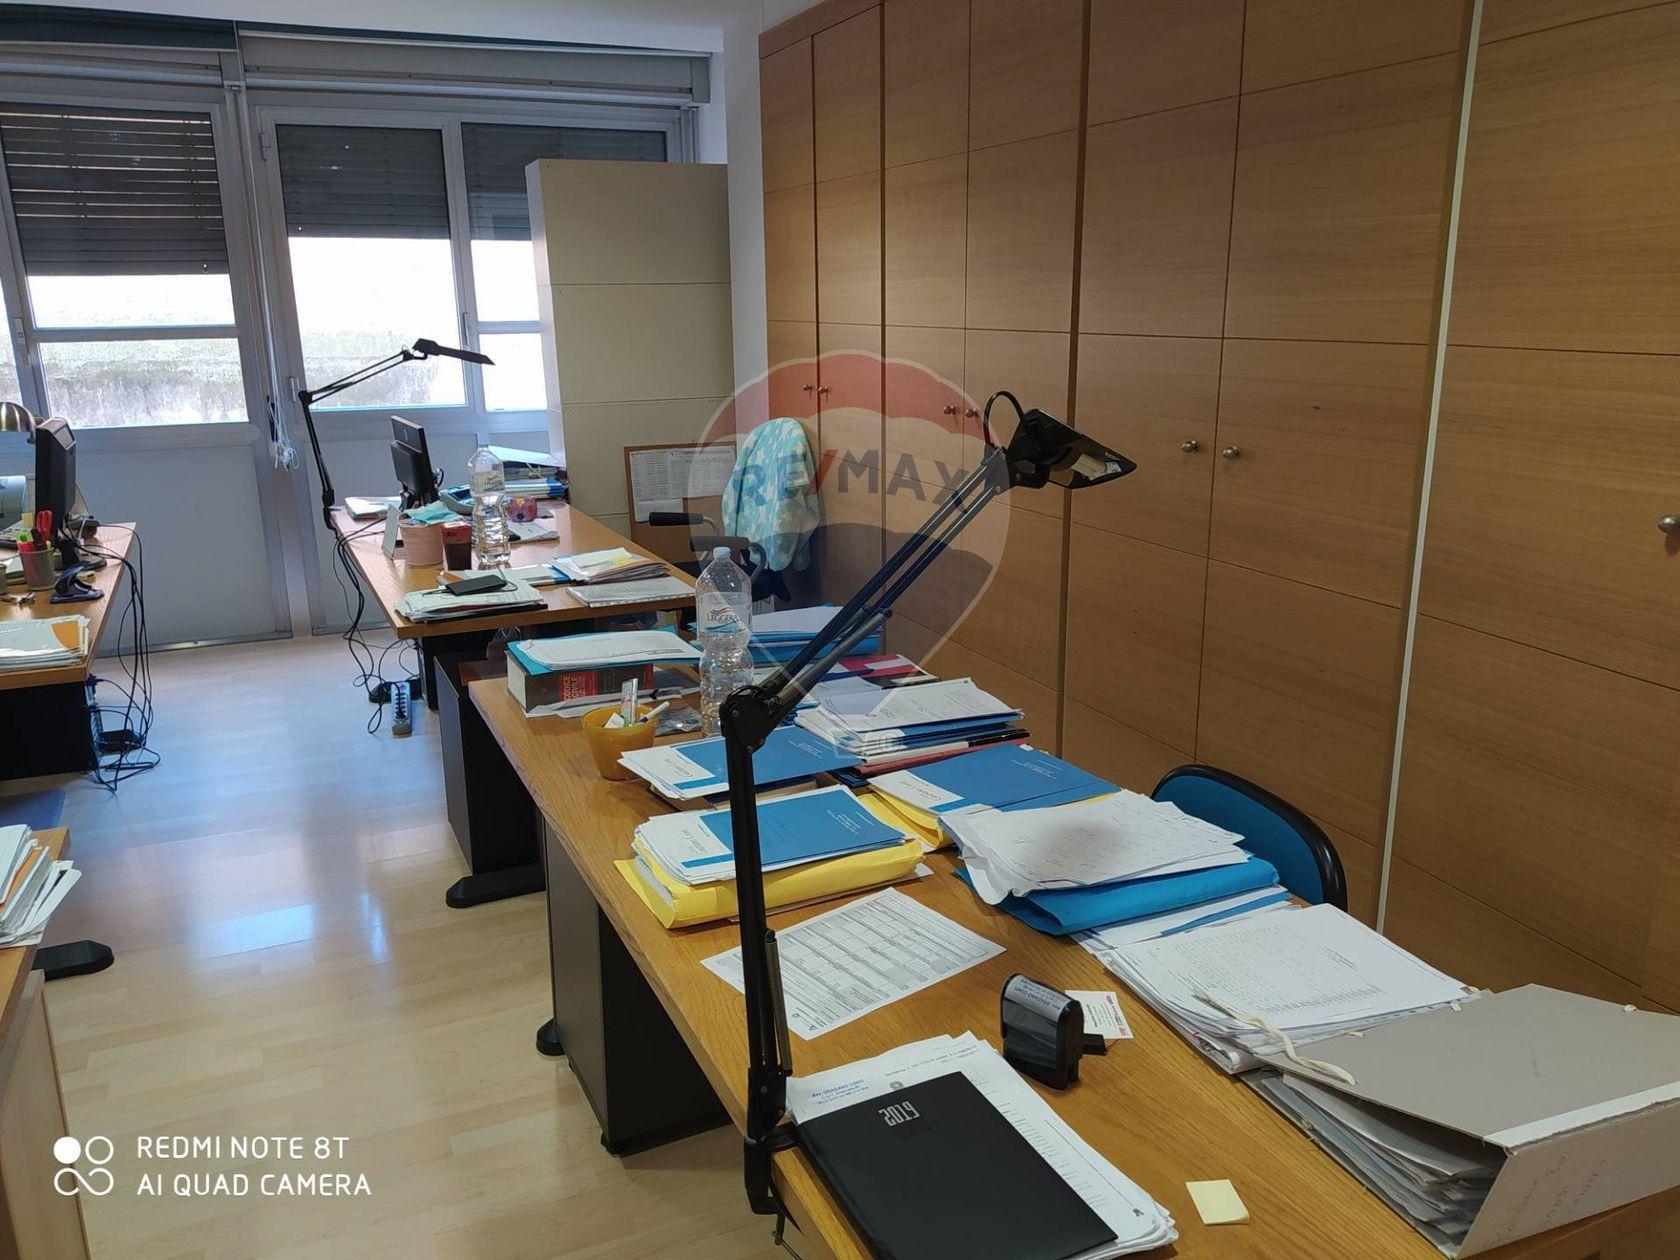 Ufficio In Affitto Bari 21260181 20 Re Max Italia